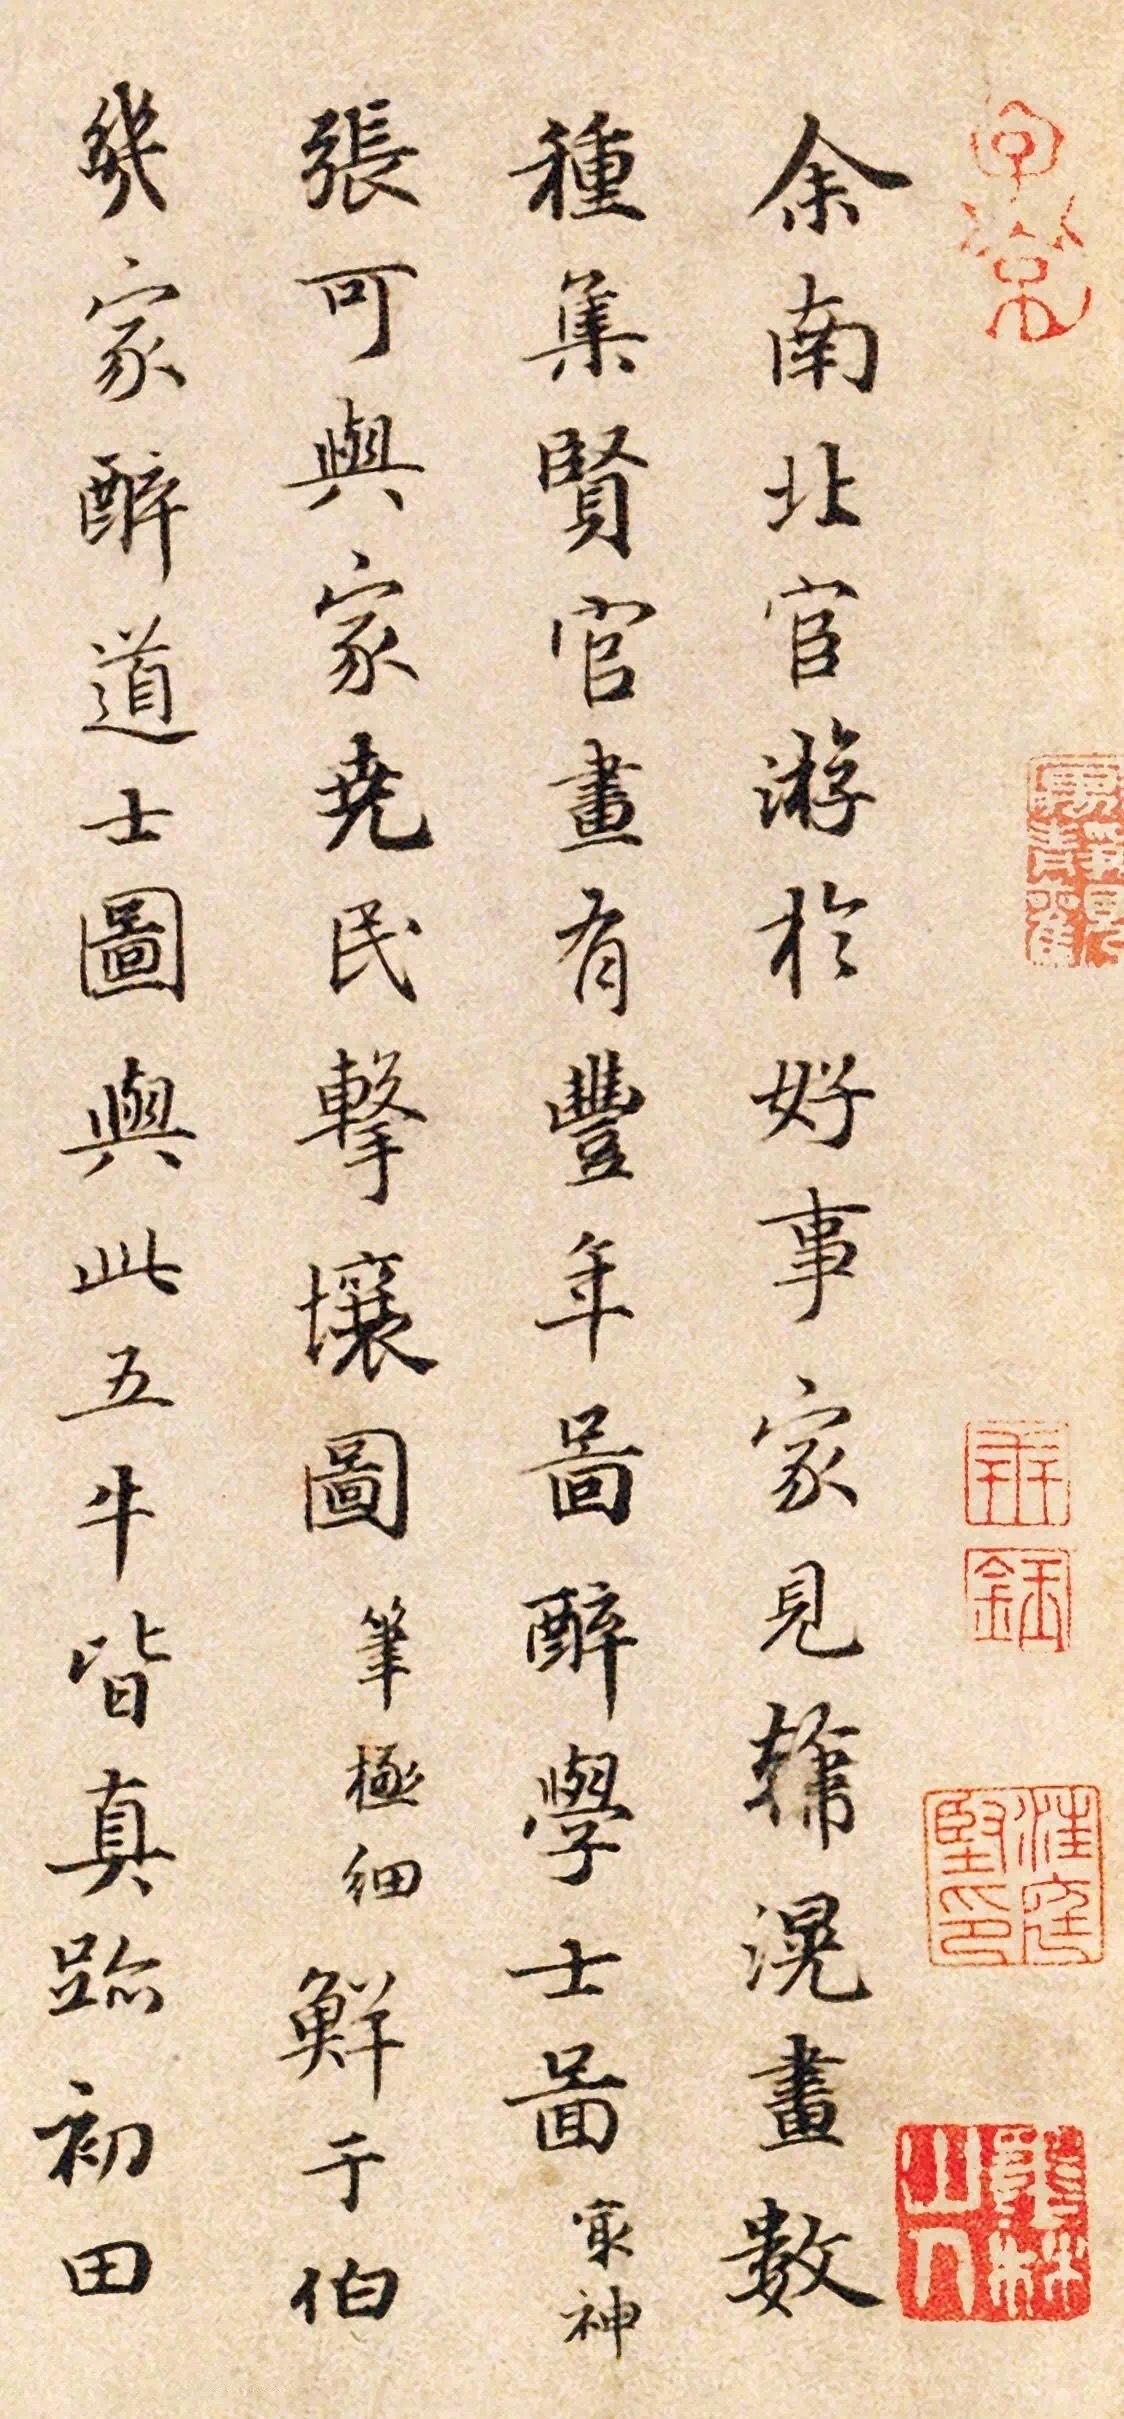 赵孟頫行书三次题跋《韩滉五牛图卷》,北京故宫博物院藏